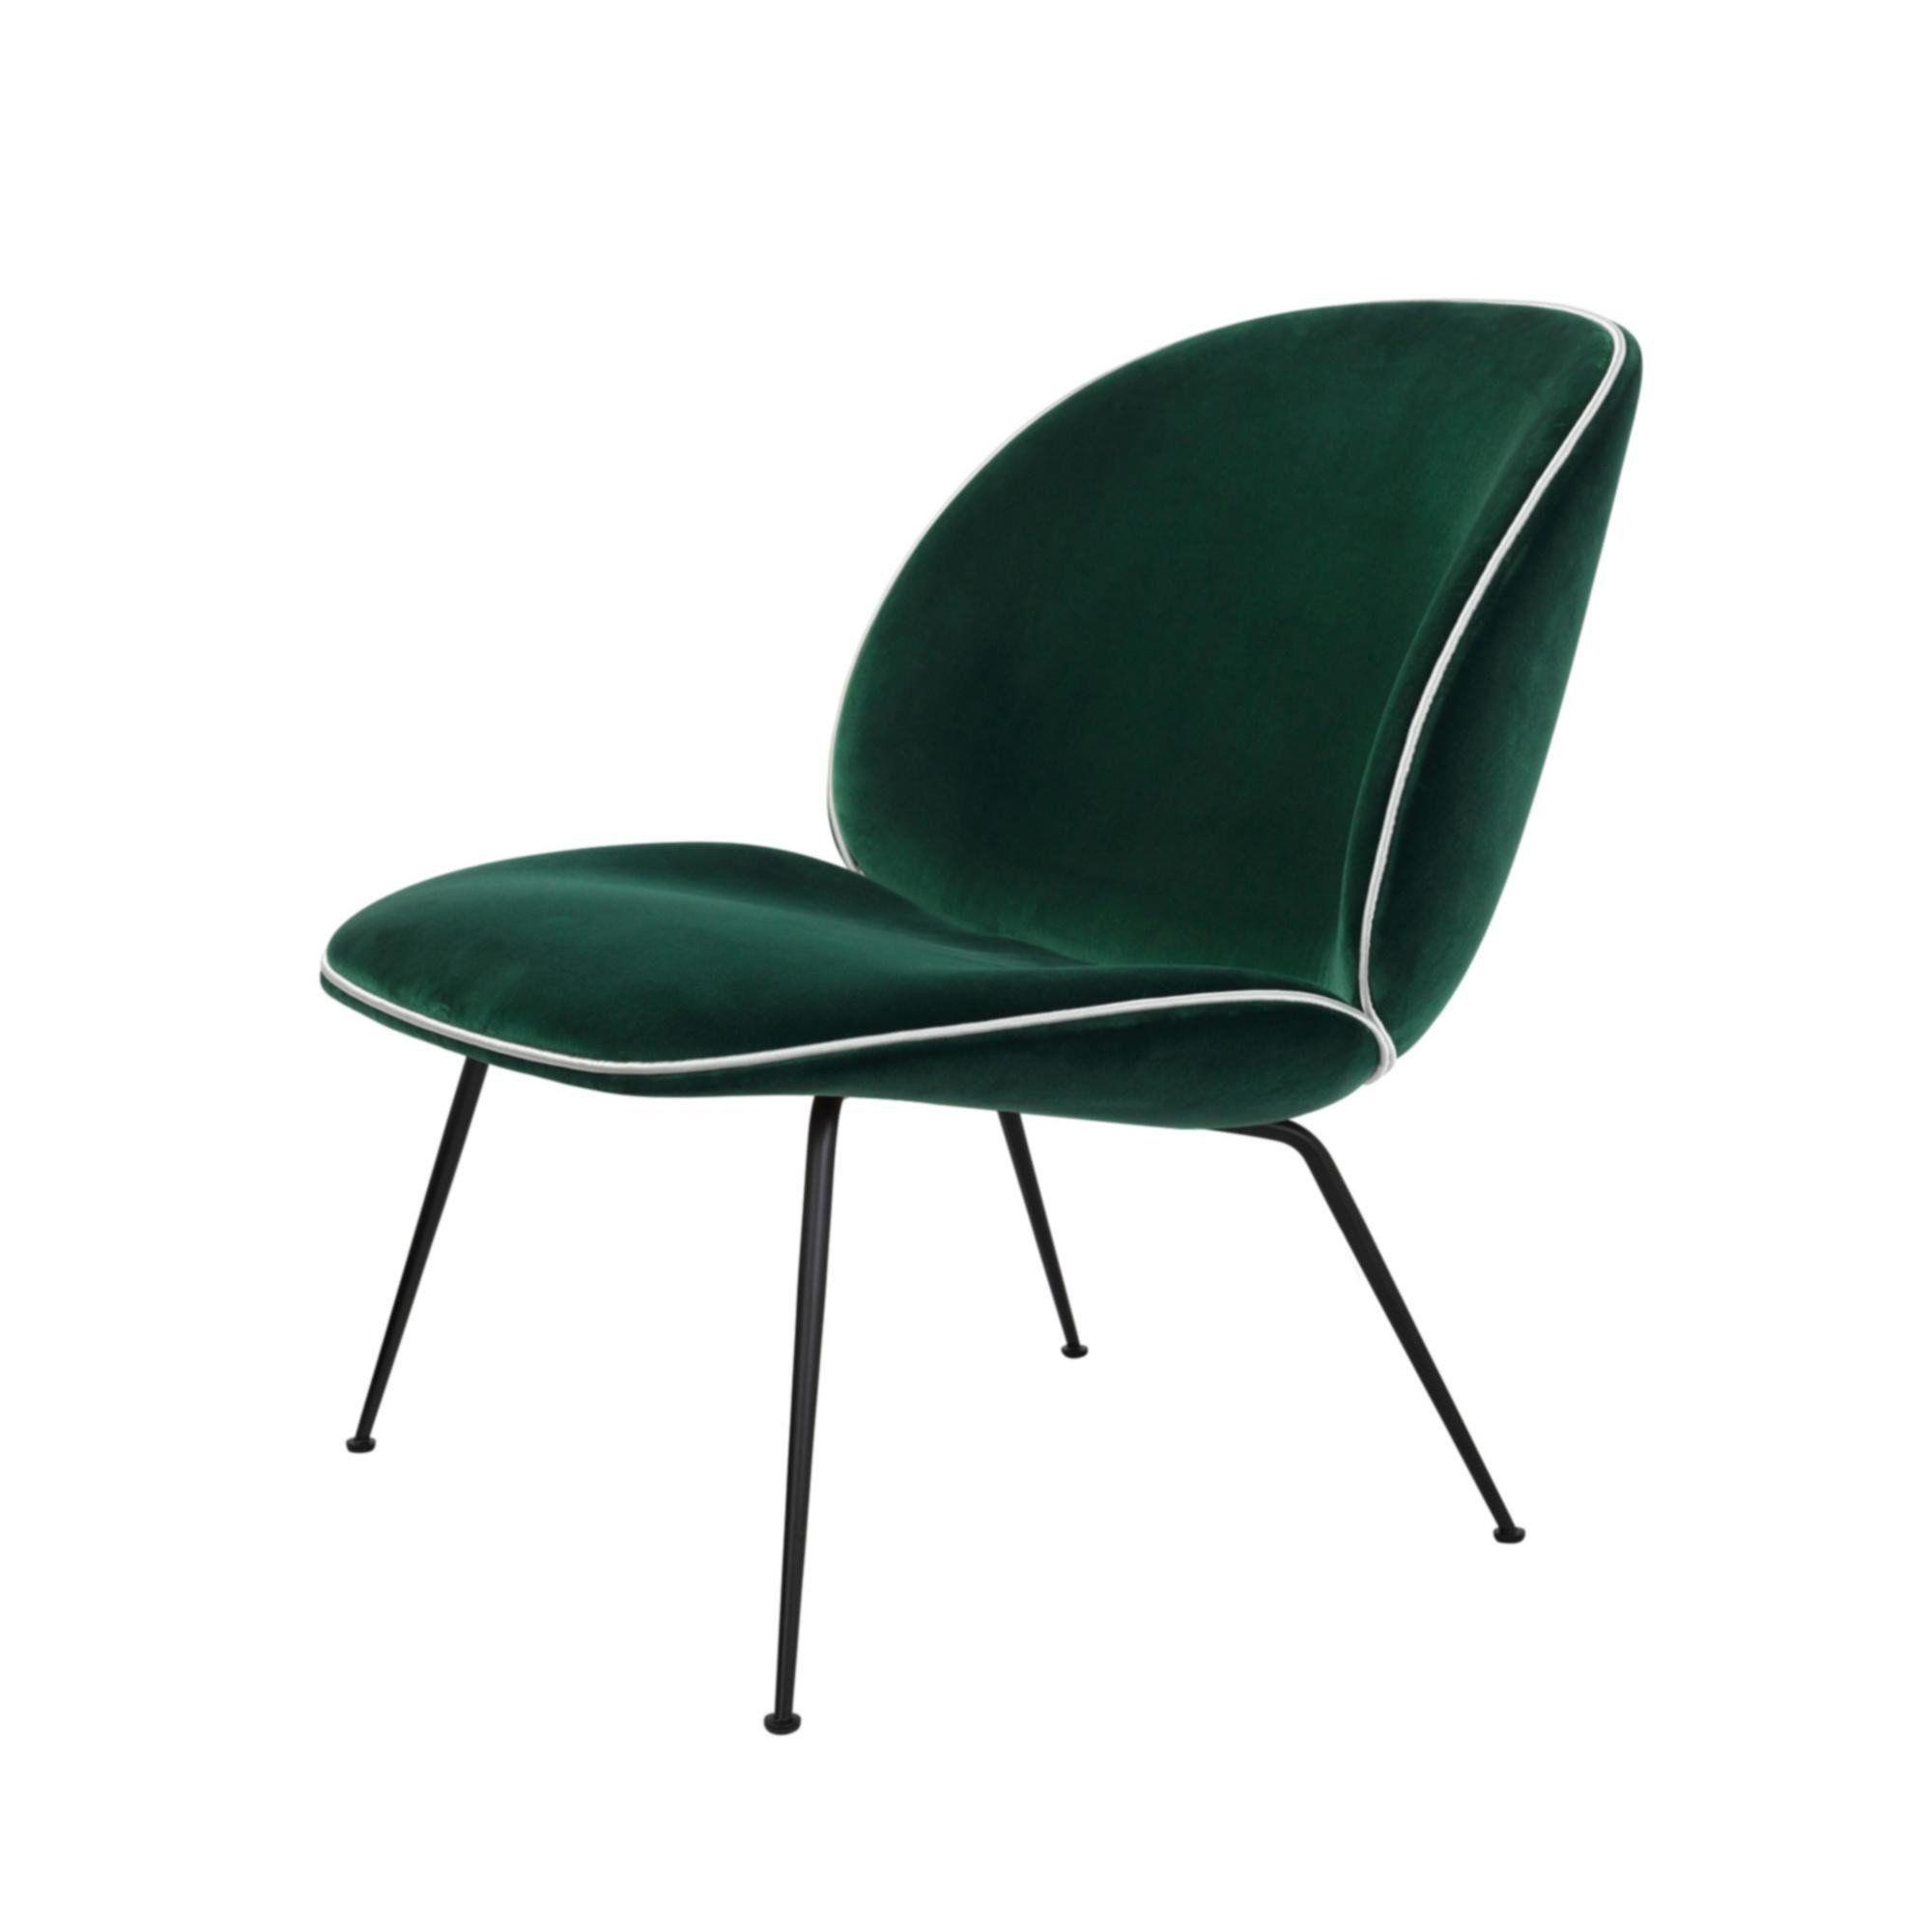 Gubi   Beetle Lounge Chair With Velvet And Black Base   Dark Green/Velvet  Velluto